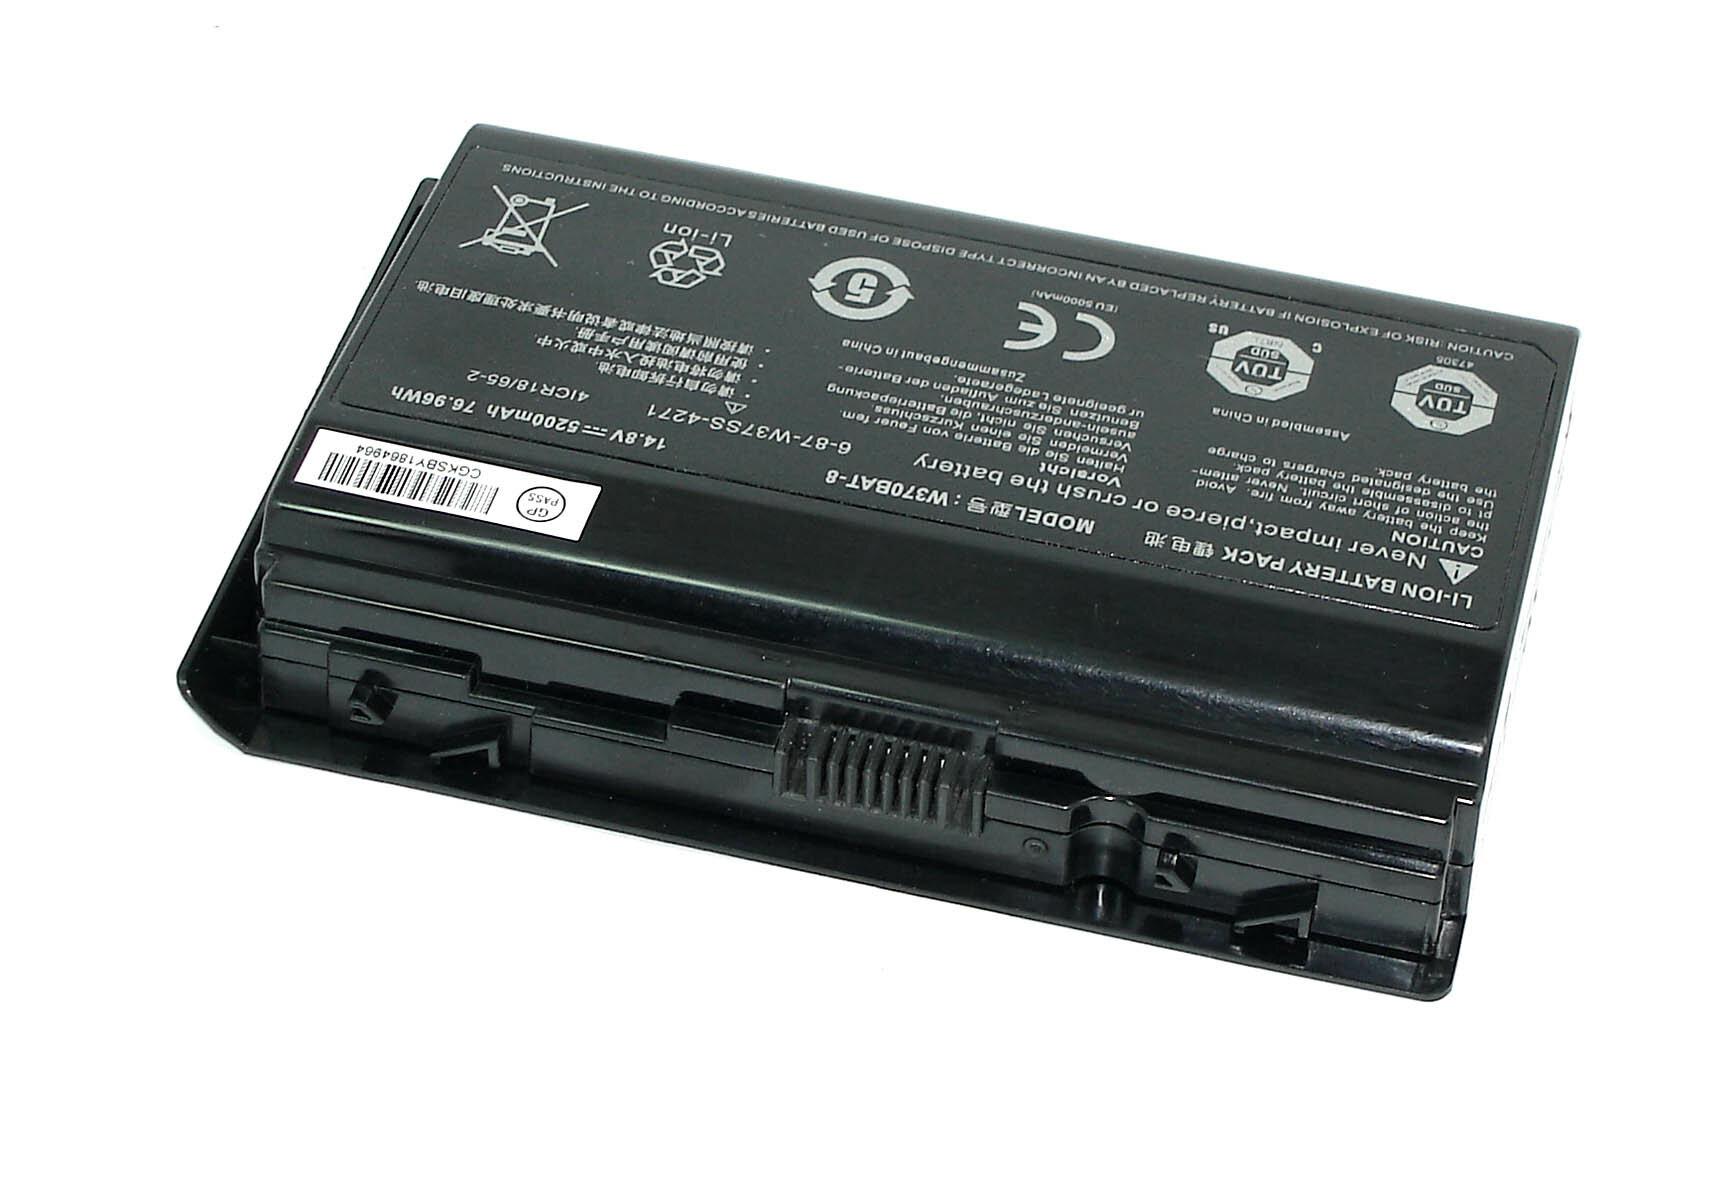 Аккумулятор для ноутбука DNS 6-87-W370S-4271, W370BAT-8 14,8V 5200mAh код 058188